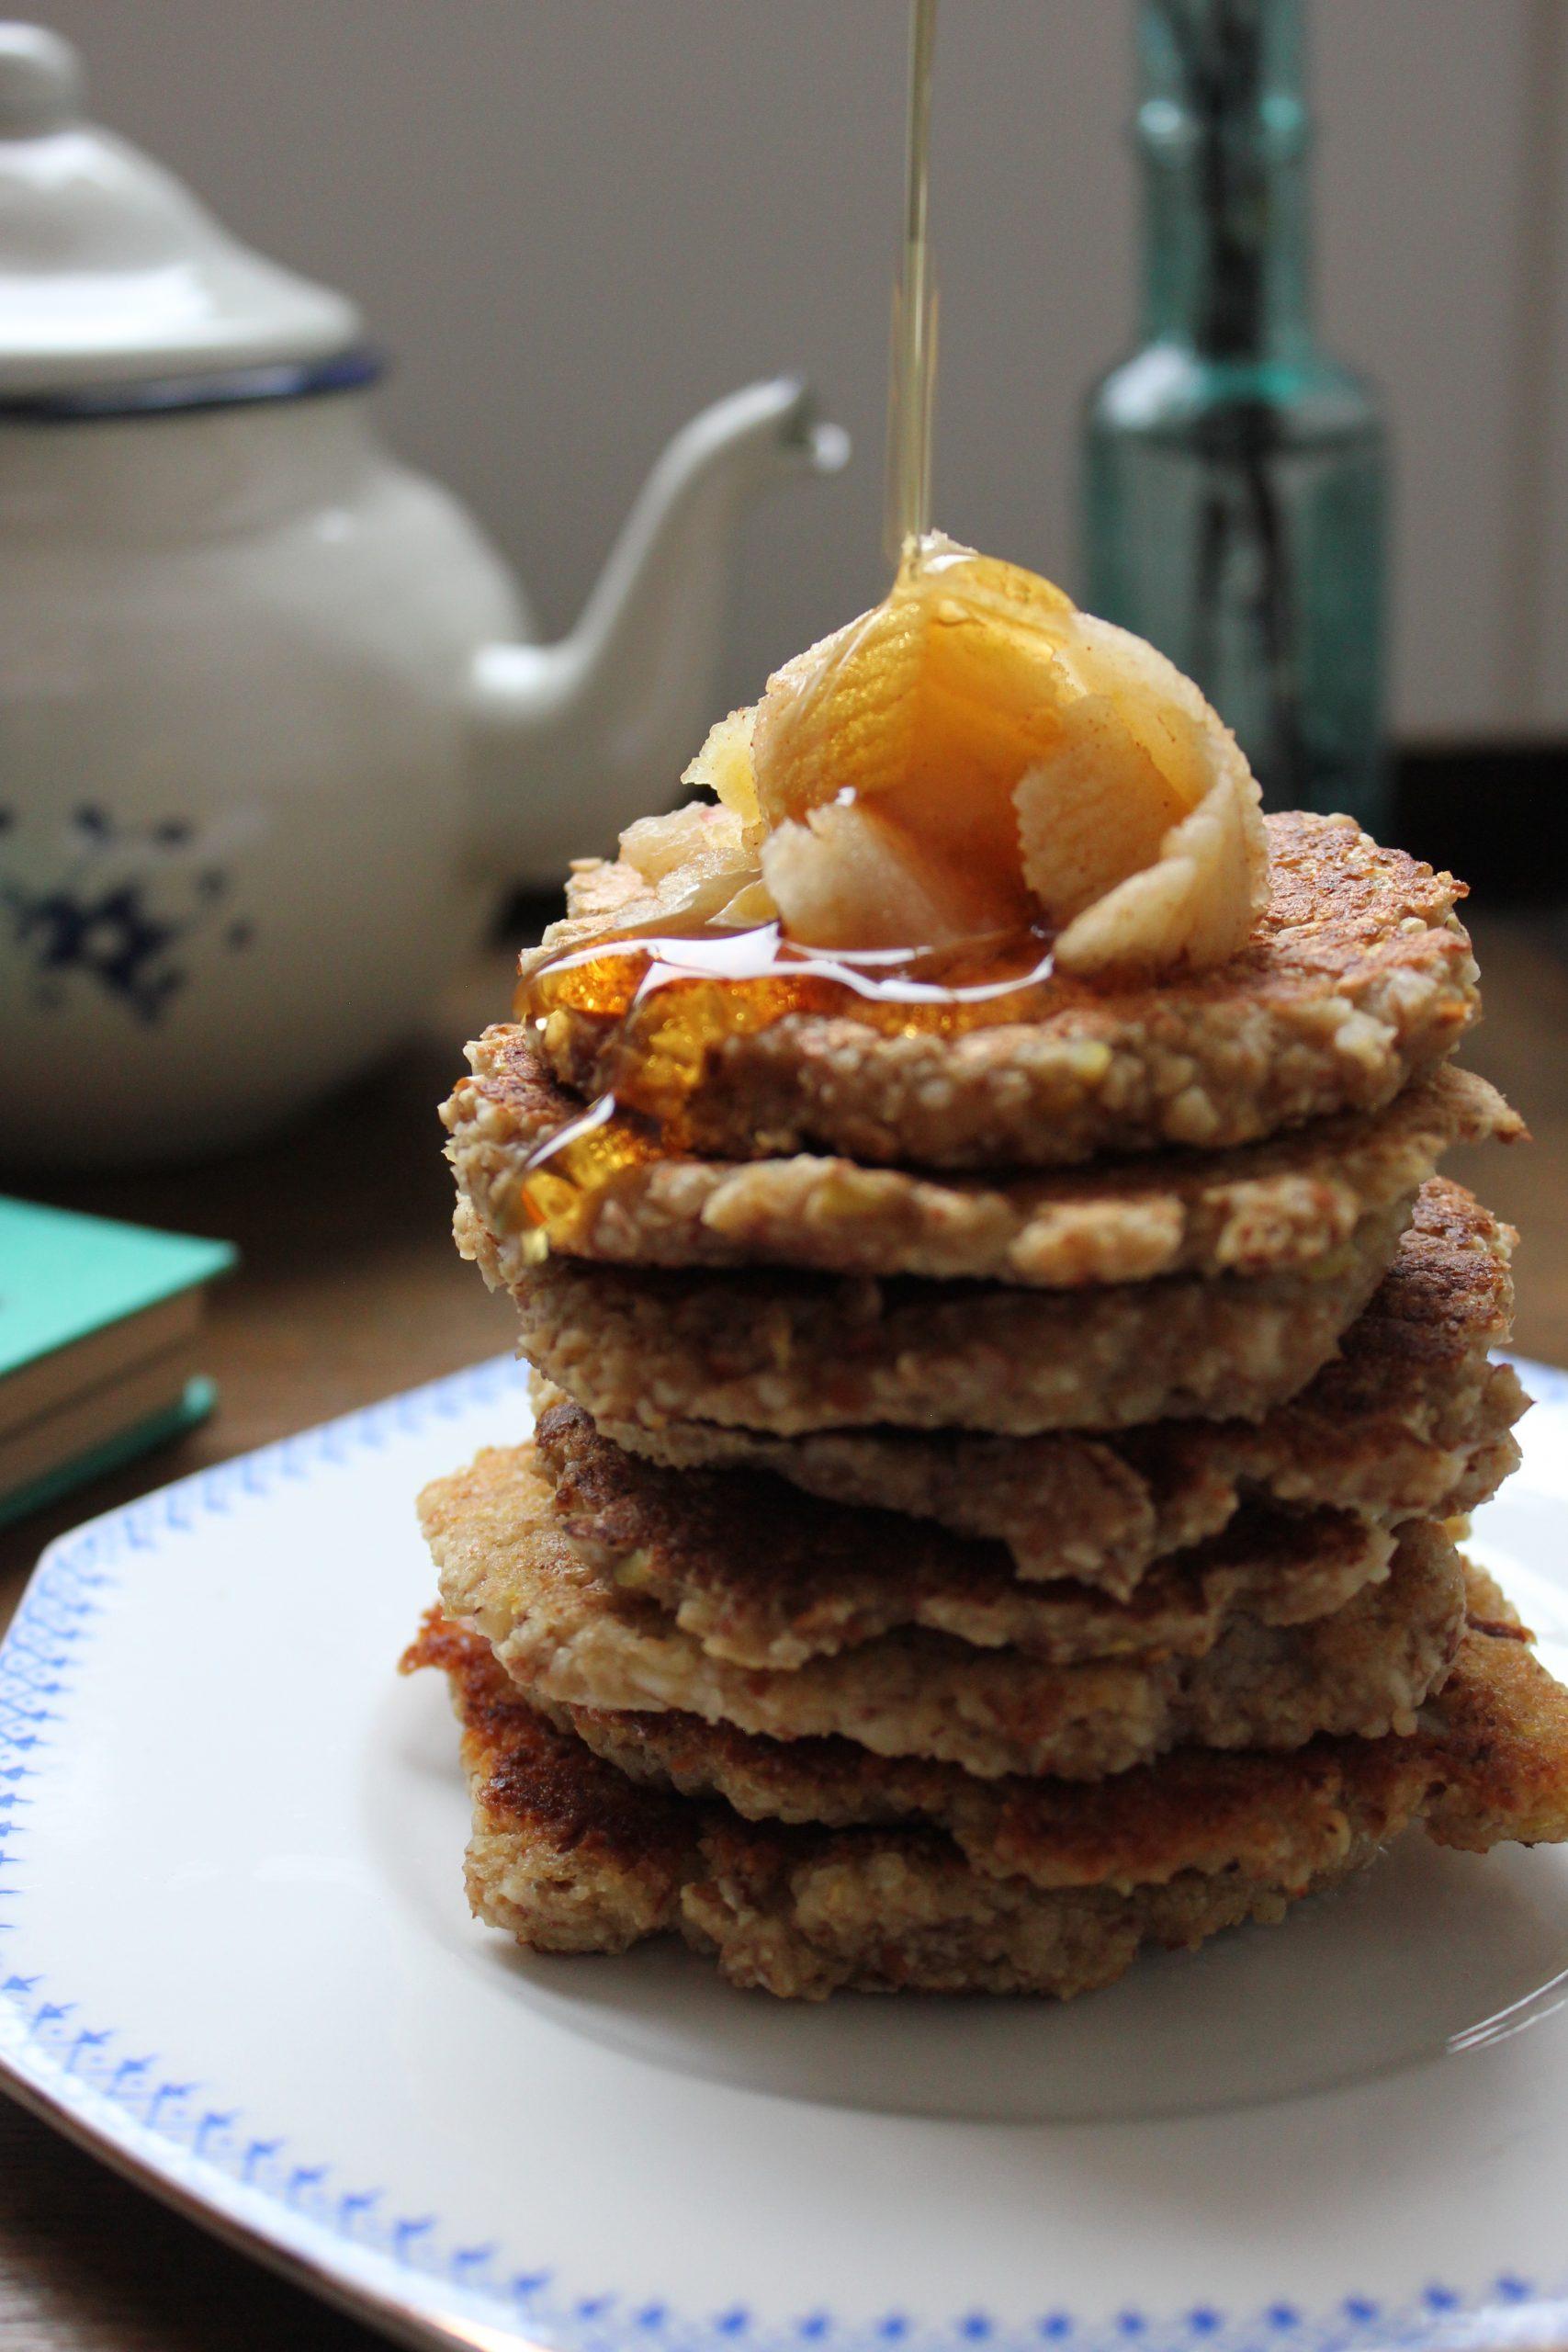 Oat, banana and apple vegan pancakes